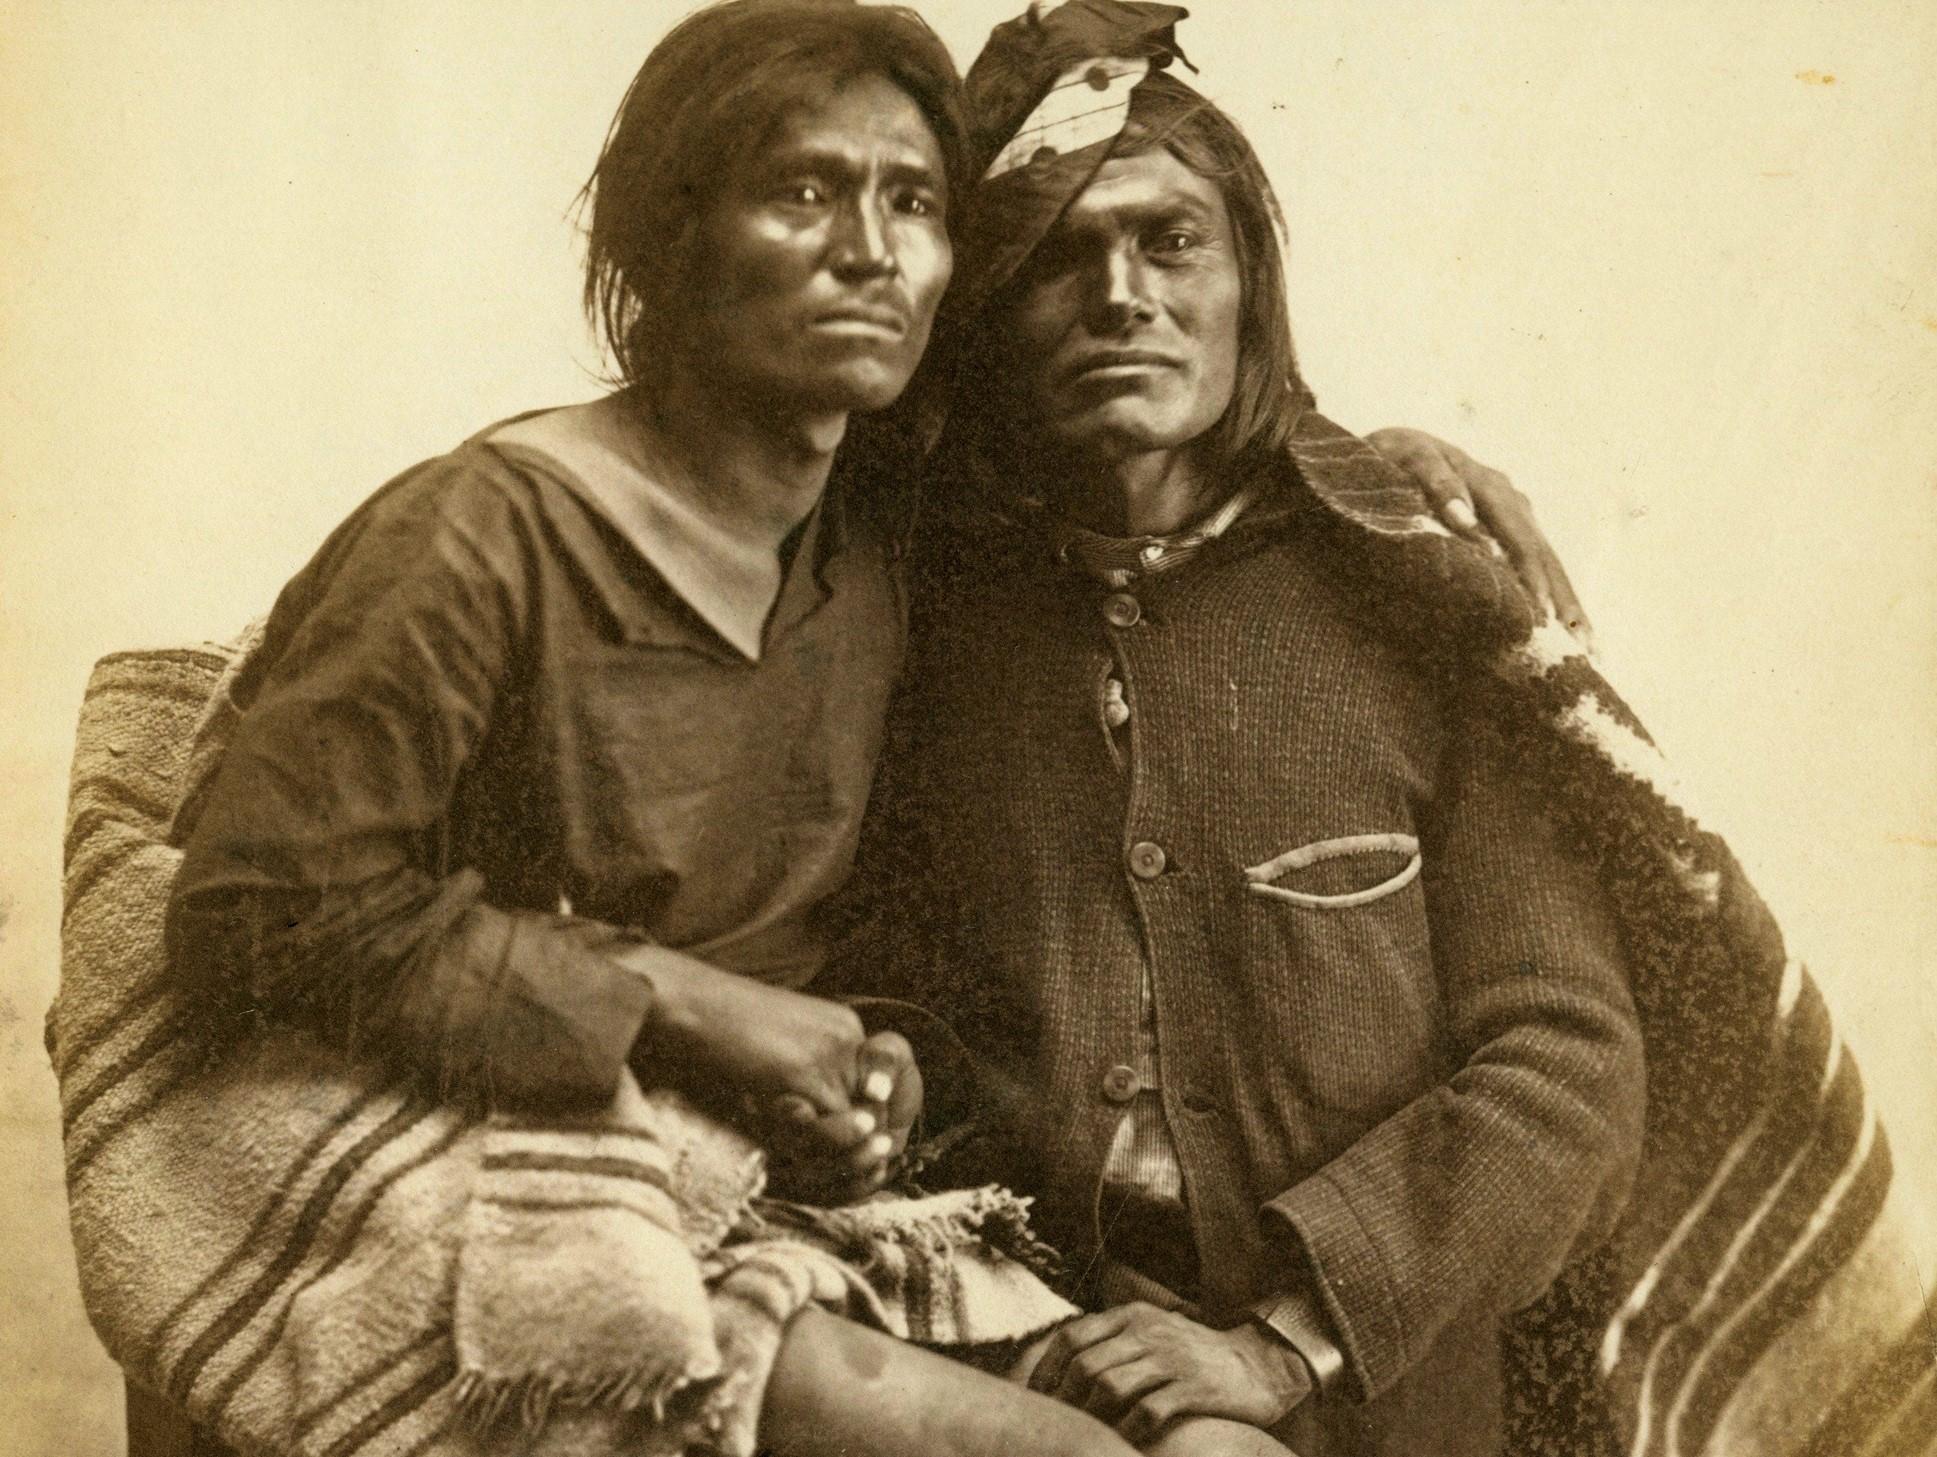 nativi americani generi sessuali